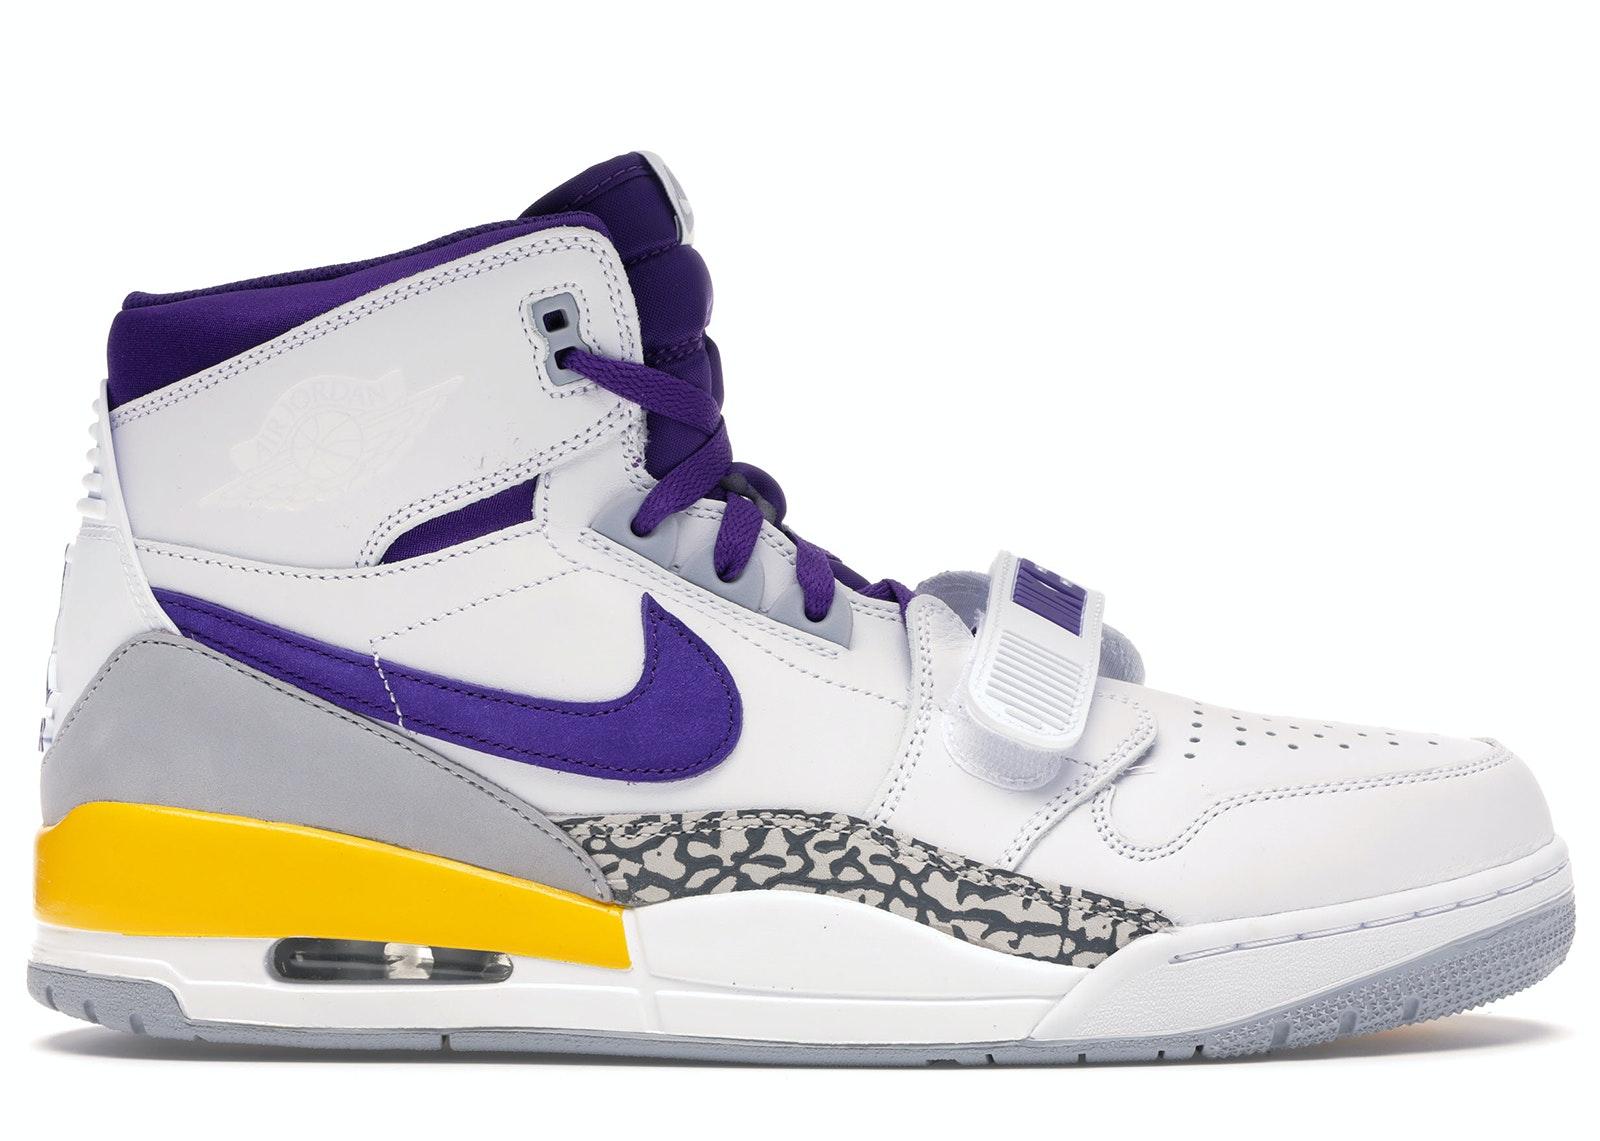 Jordan Legacy 312 Lakers